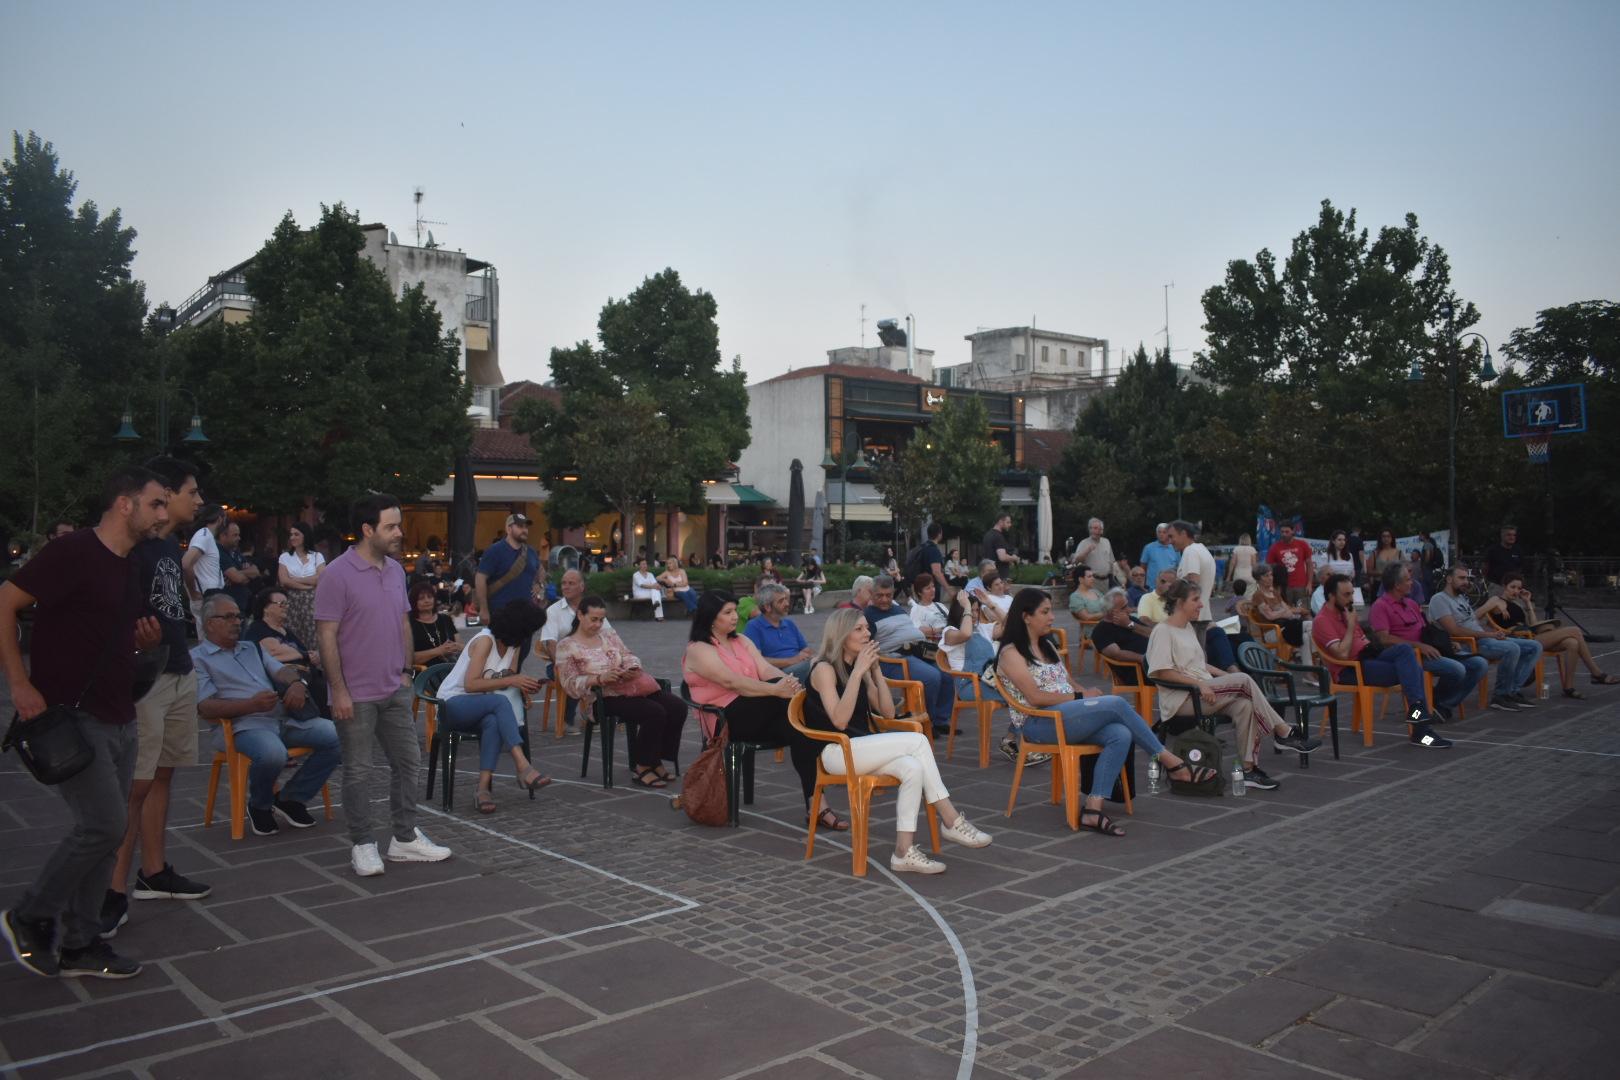 Εκδήλωση κατά των Ναρκωτικών διοργάνωσε το ΚΚΕ στη Λάρισα (φωτο)